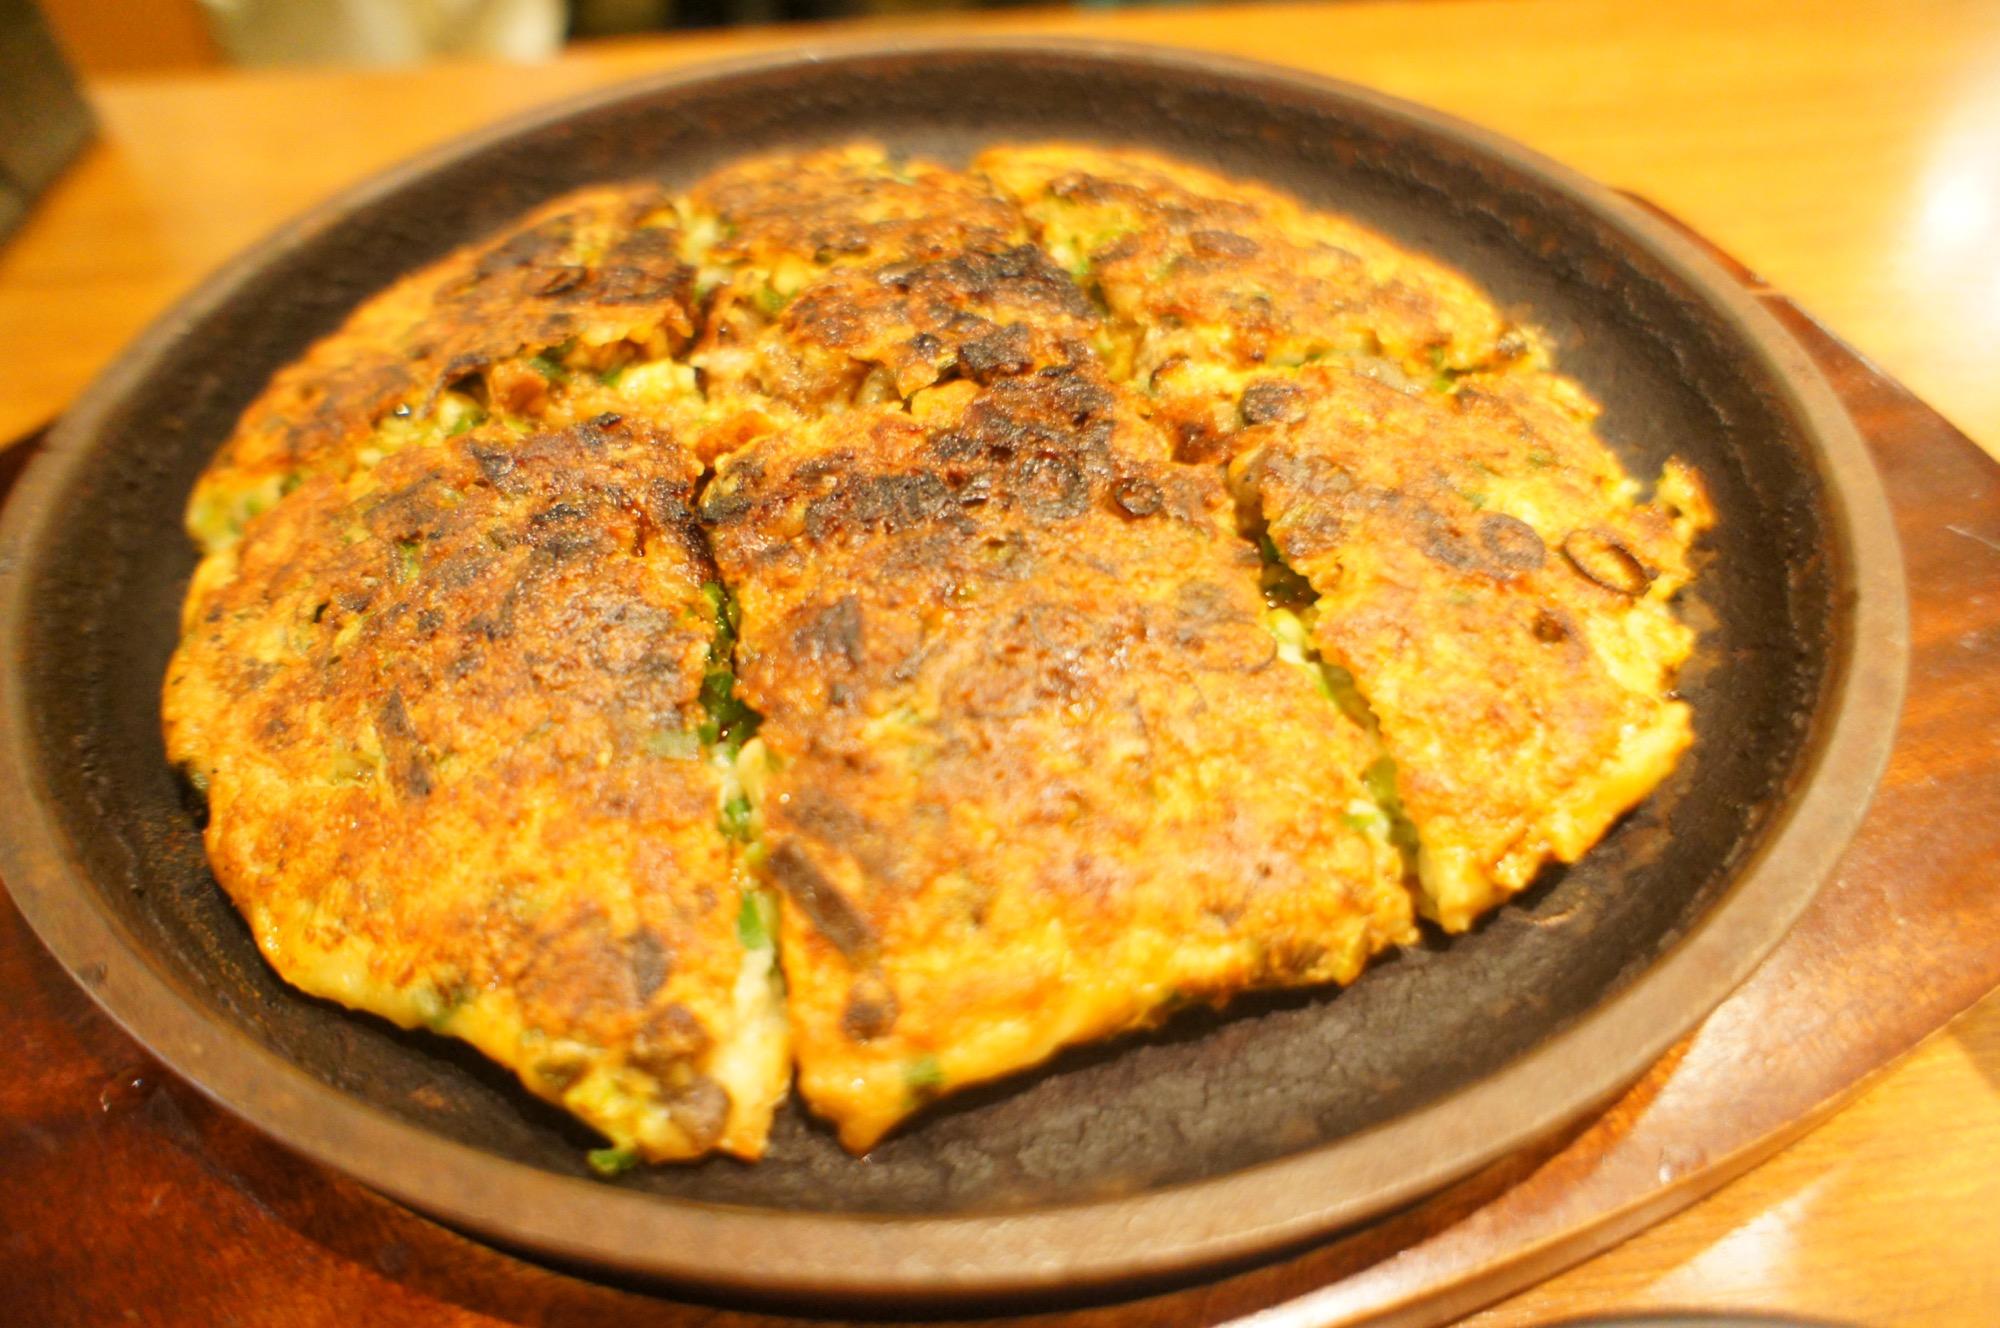 《ご当地MORE✩大阪》必ず食べたい関西グルメ❤️【やまもと】のねぎ焼が絶品☻!_2